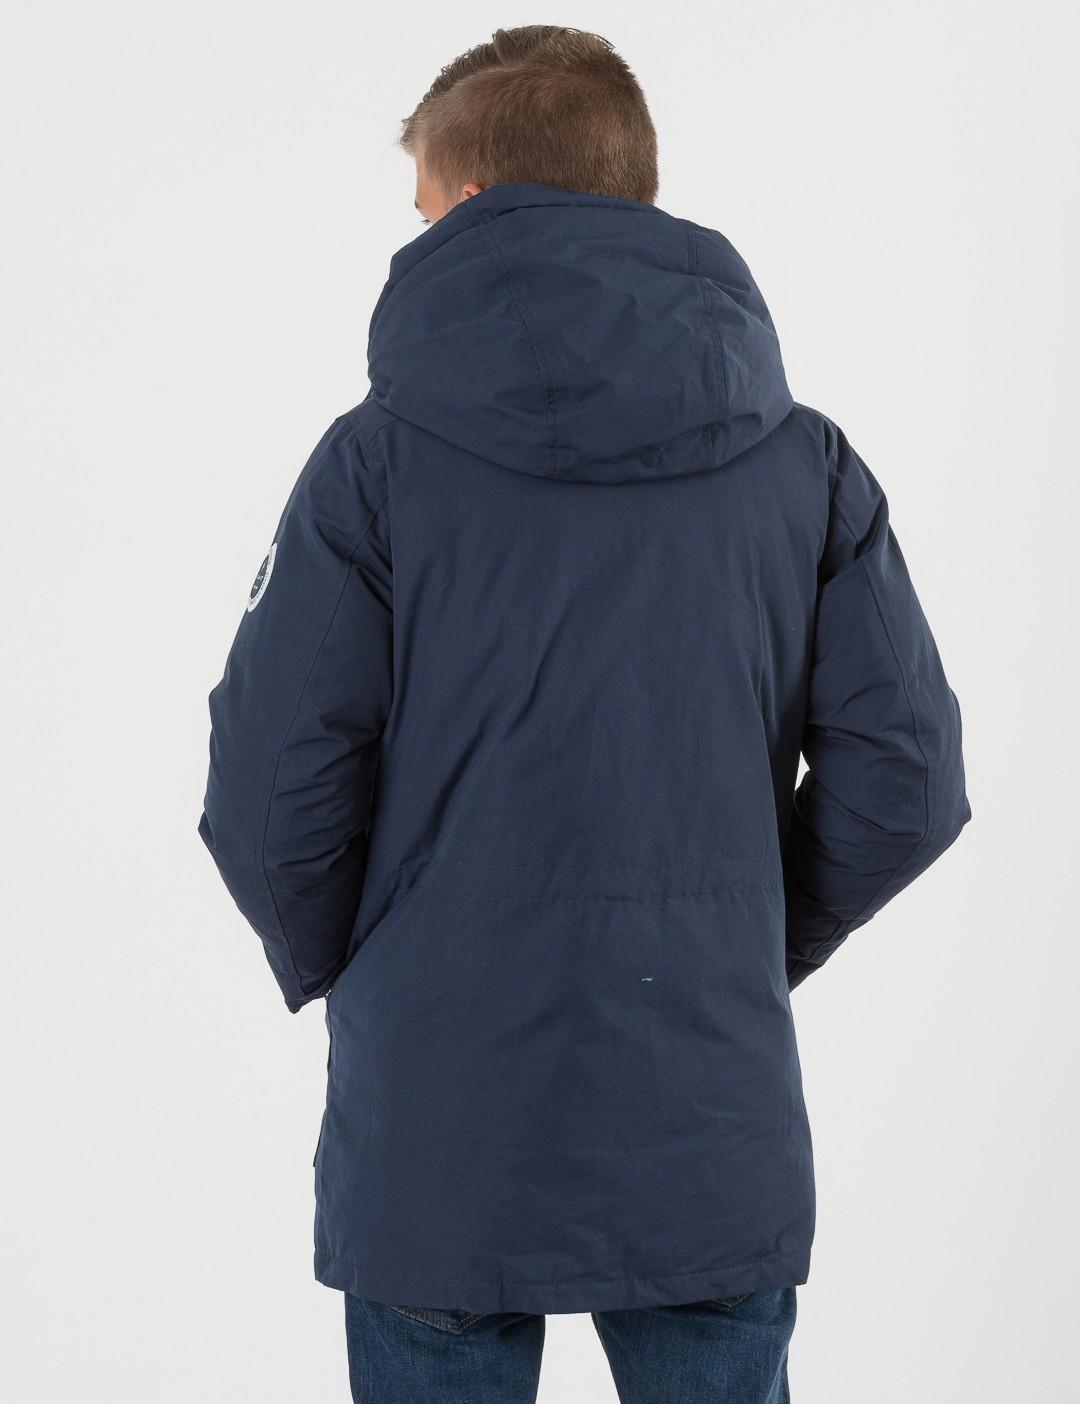 a01220f50f6f Om Tu. The Gant Parka - Blå från Gant   KidsBrandStore